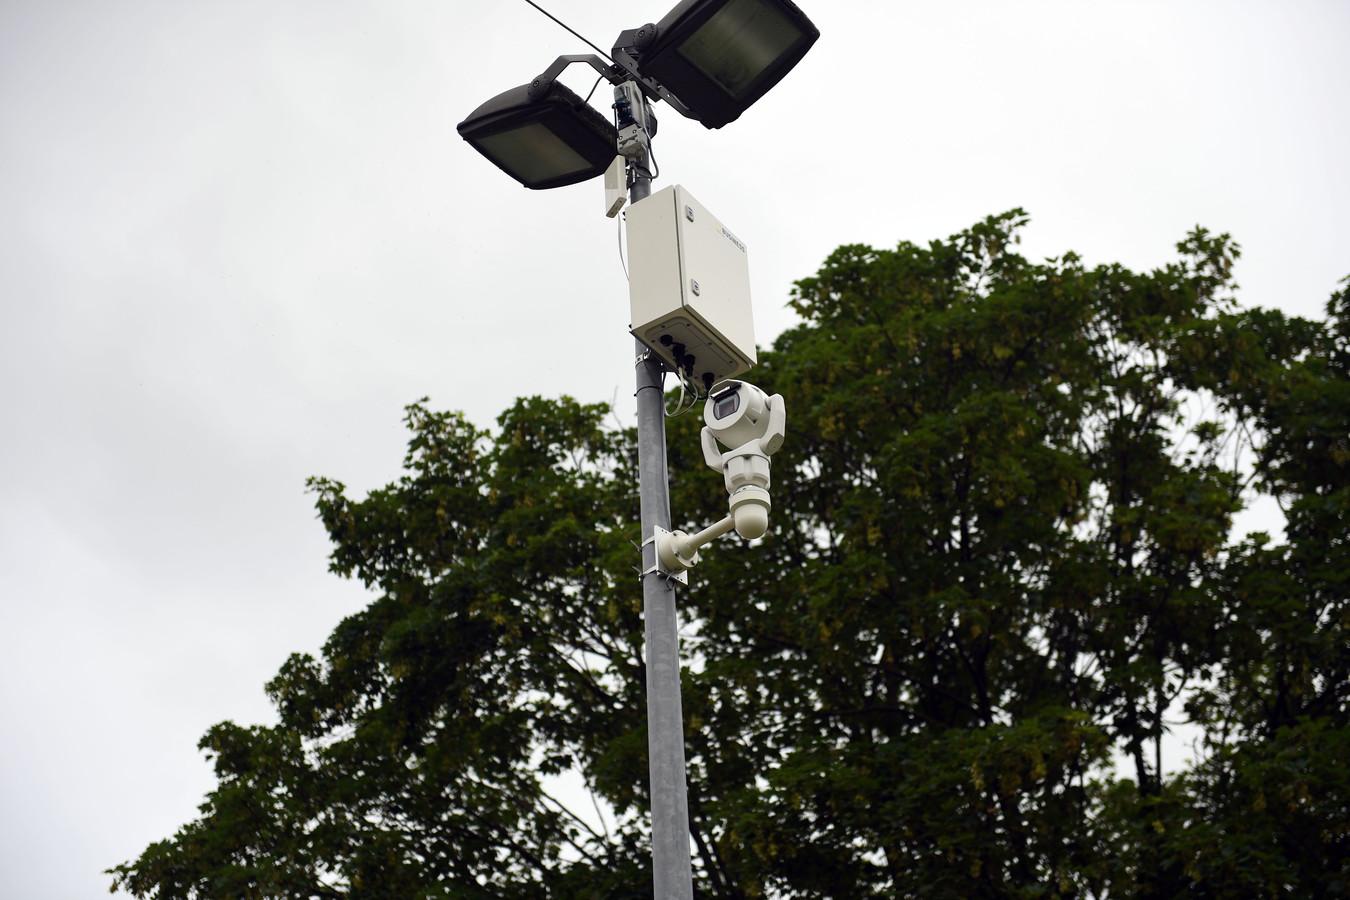 La police de Louvain en a profité pour installer et tester des caméras sans fil pour lutter contre les nuisances. Facilement déplaçables, ces caméras diffusent des images nettes, rapides et en haute résolution permettant d'identifier plus facilement les contrevenants comme dans le cas de dépôts clandestins.